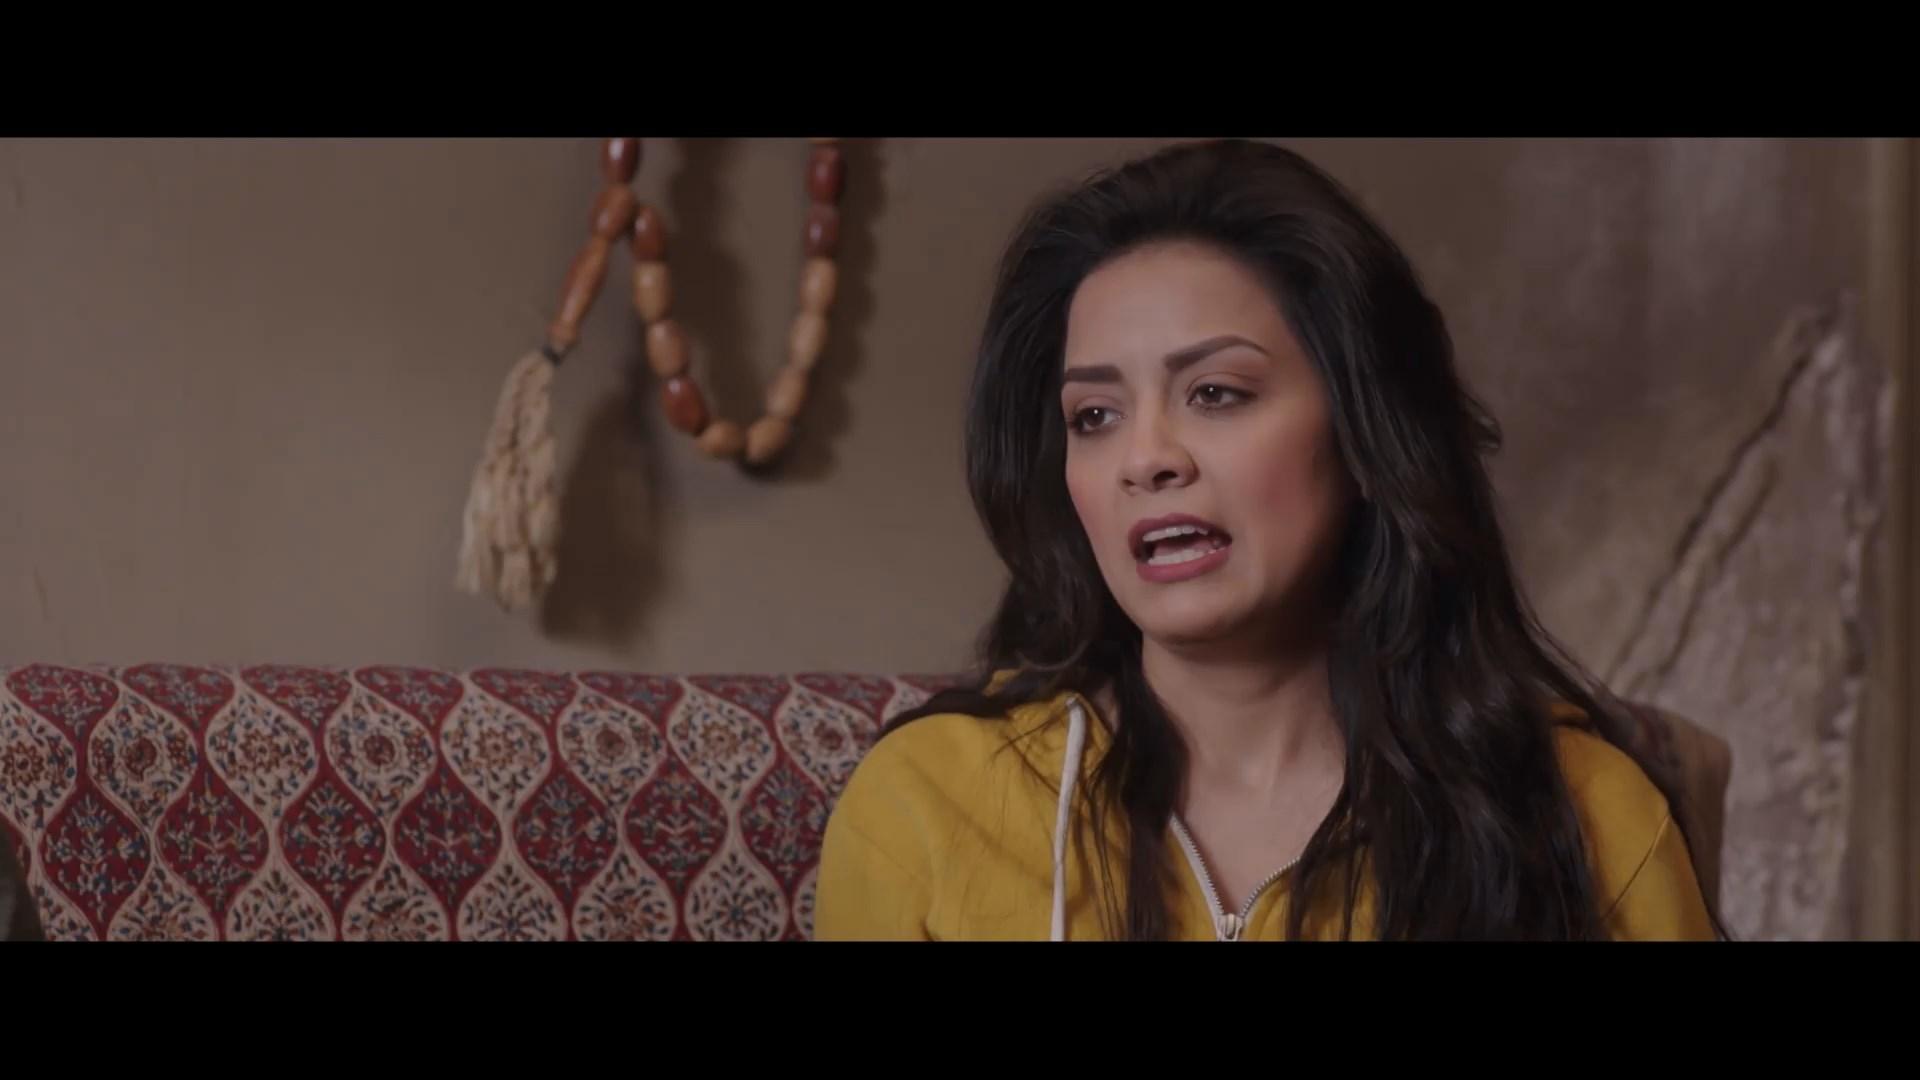 مسلسل قوت القلوب الجزء الثاني الحلقة الثالثة (2020) 1080p تحميل تورنت 3 arabp2p.com